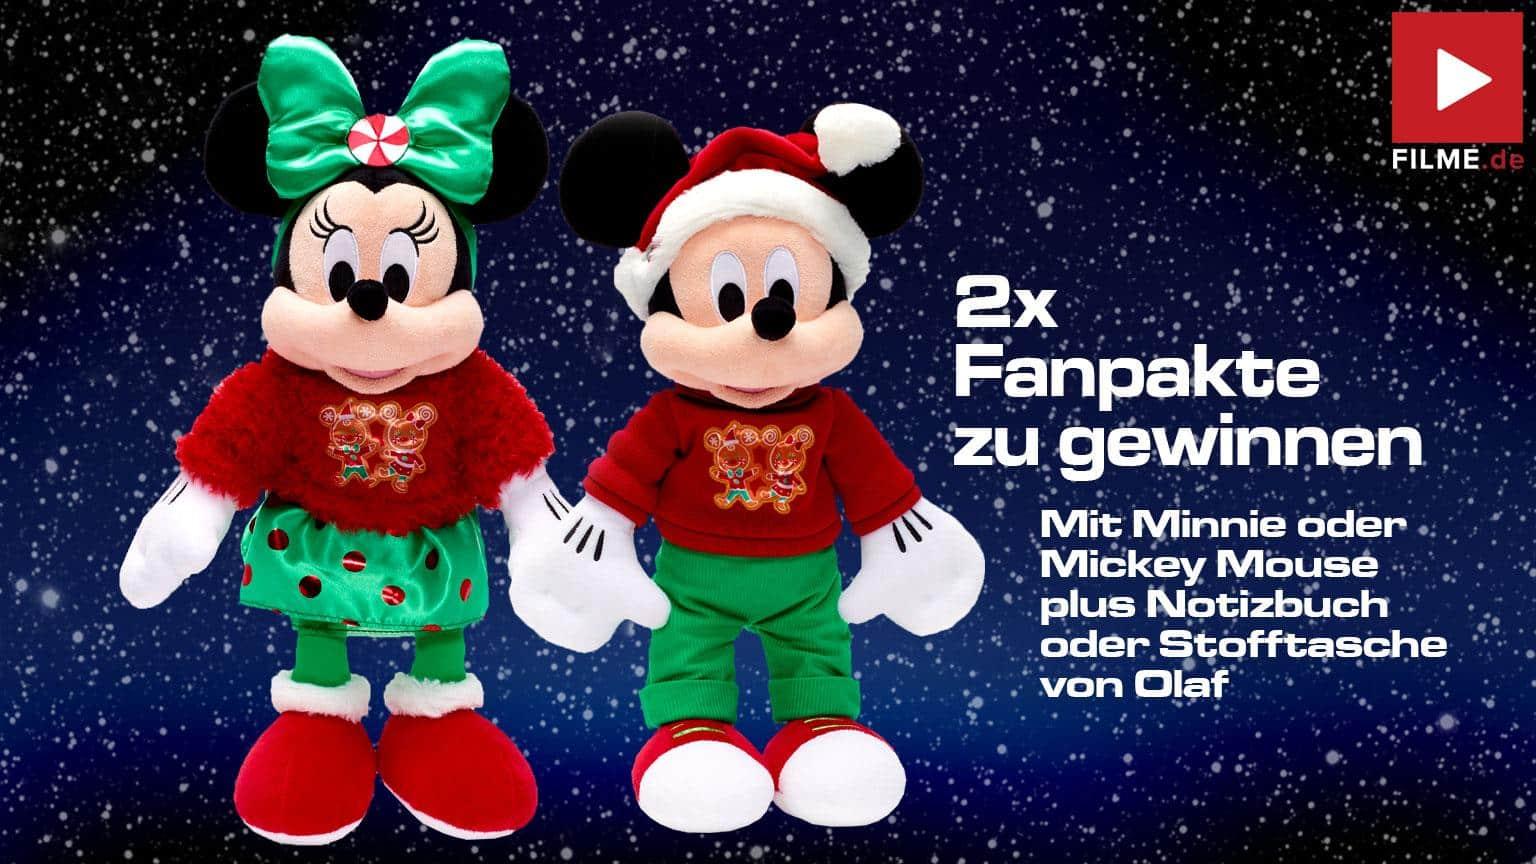 Walt Disney Weihanchts Special Gewinnspiel gewinnen fanpakete 2020 Adventskalender Disney+ Artikelbild